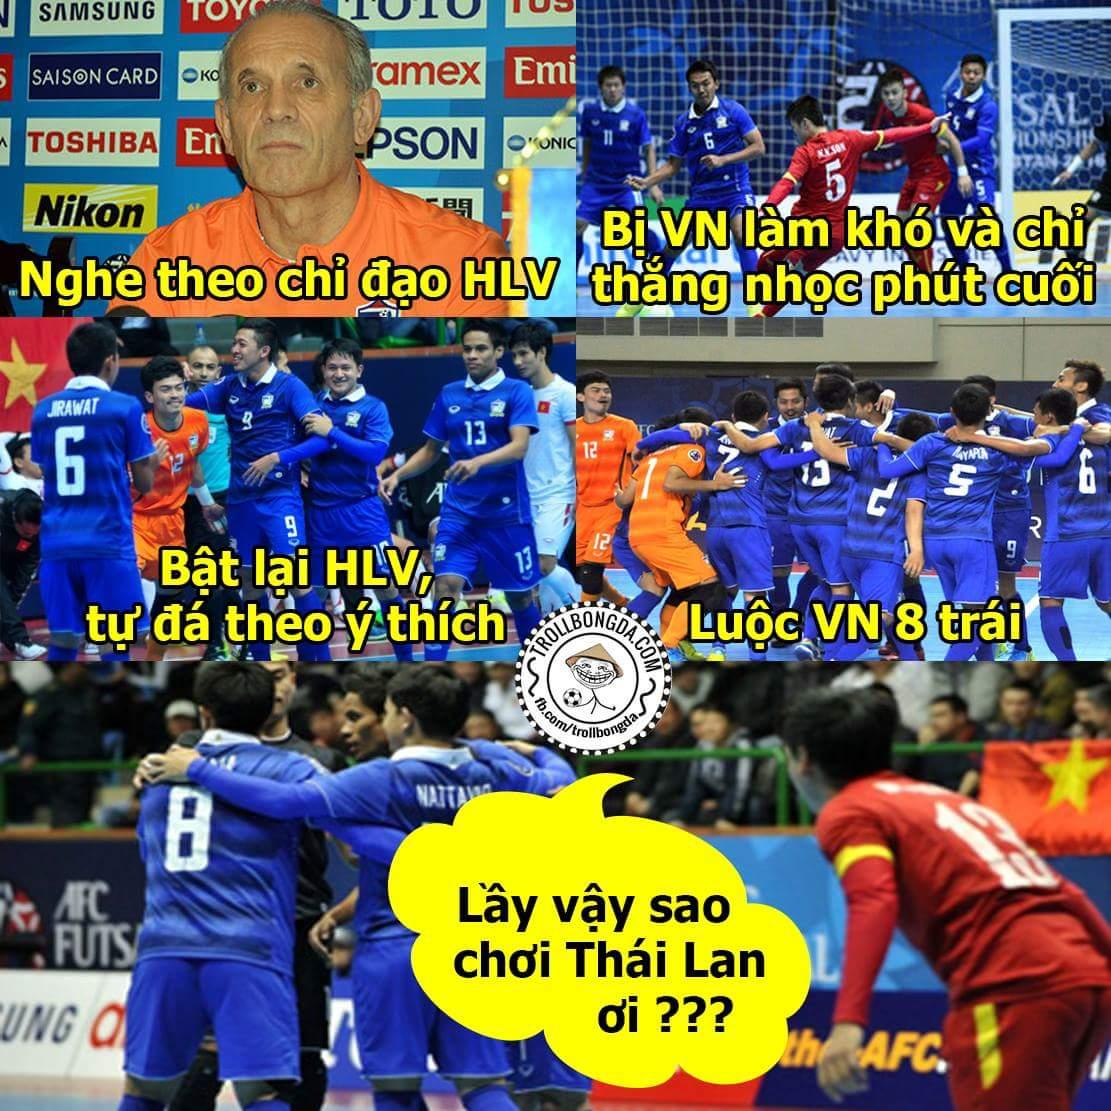 HLV Thái Lan chia sẻ sau khi giải đấu kết thúc !!! :V Hóa ra trận tranh hạng 3 cầu thủ Thái tự...